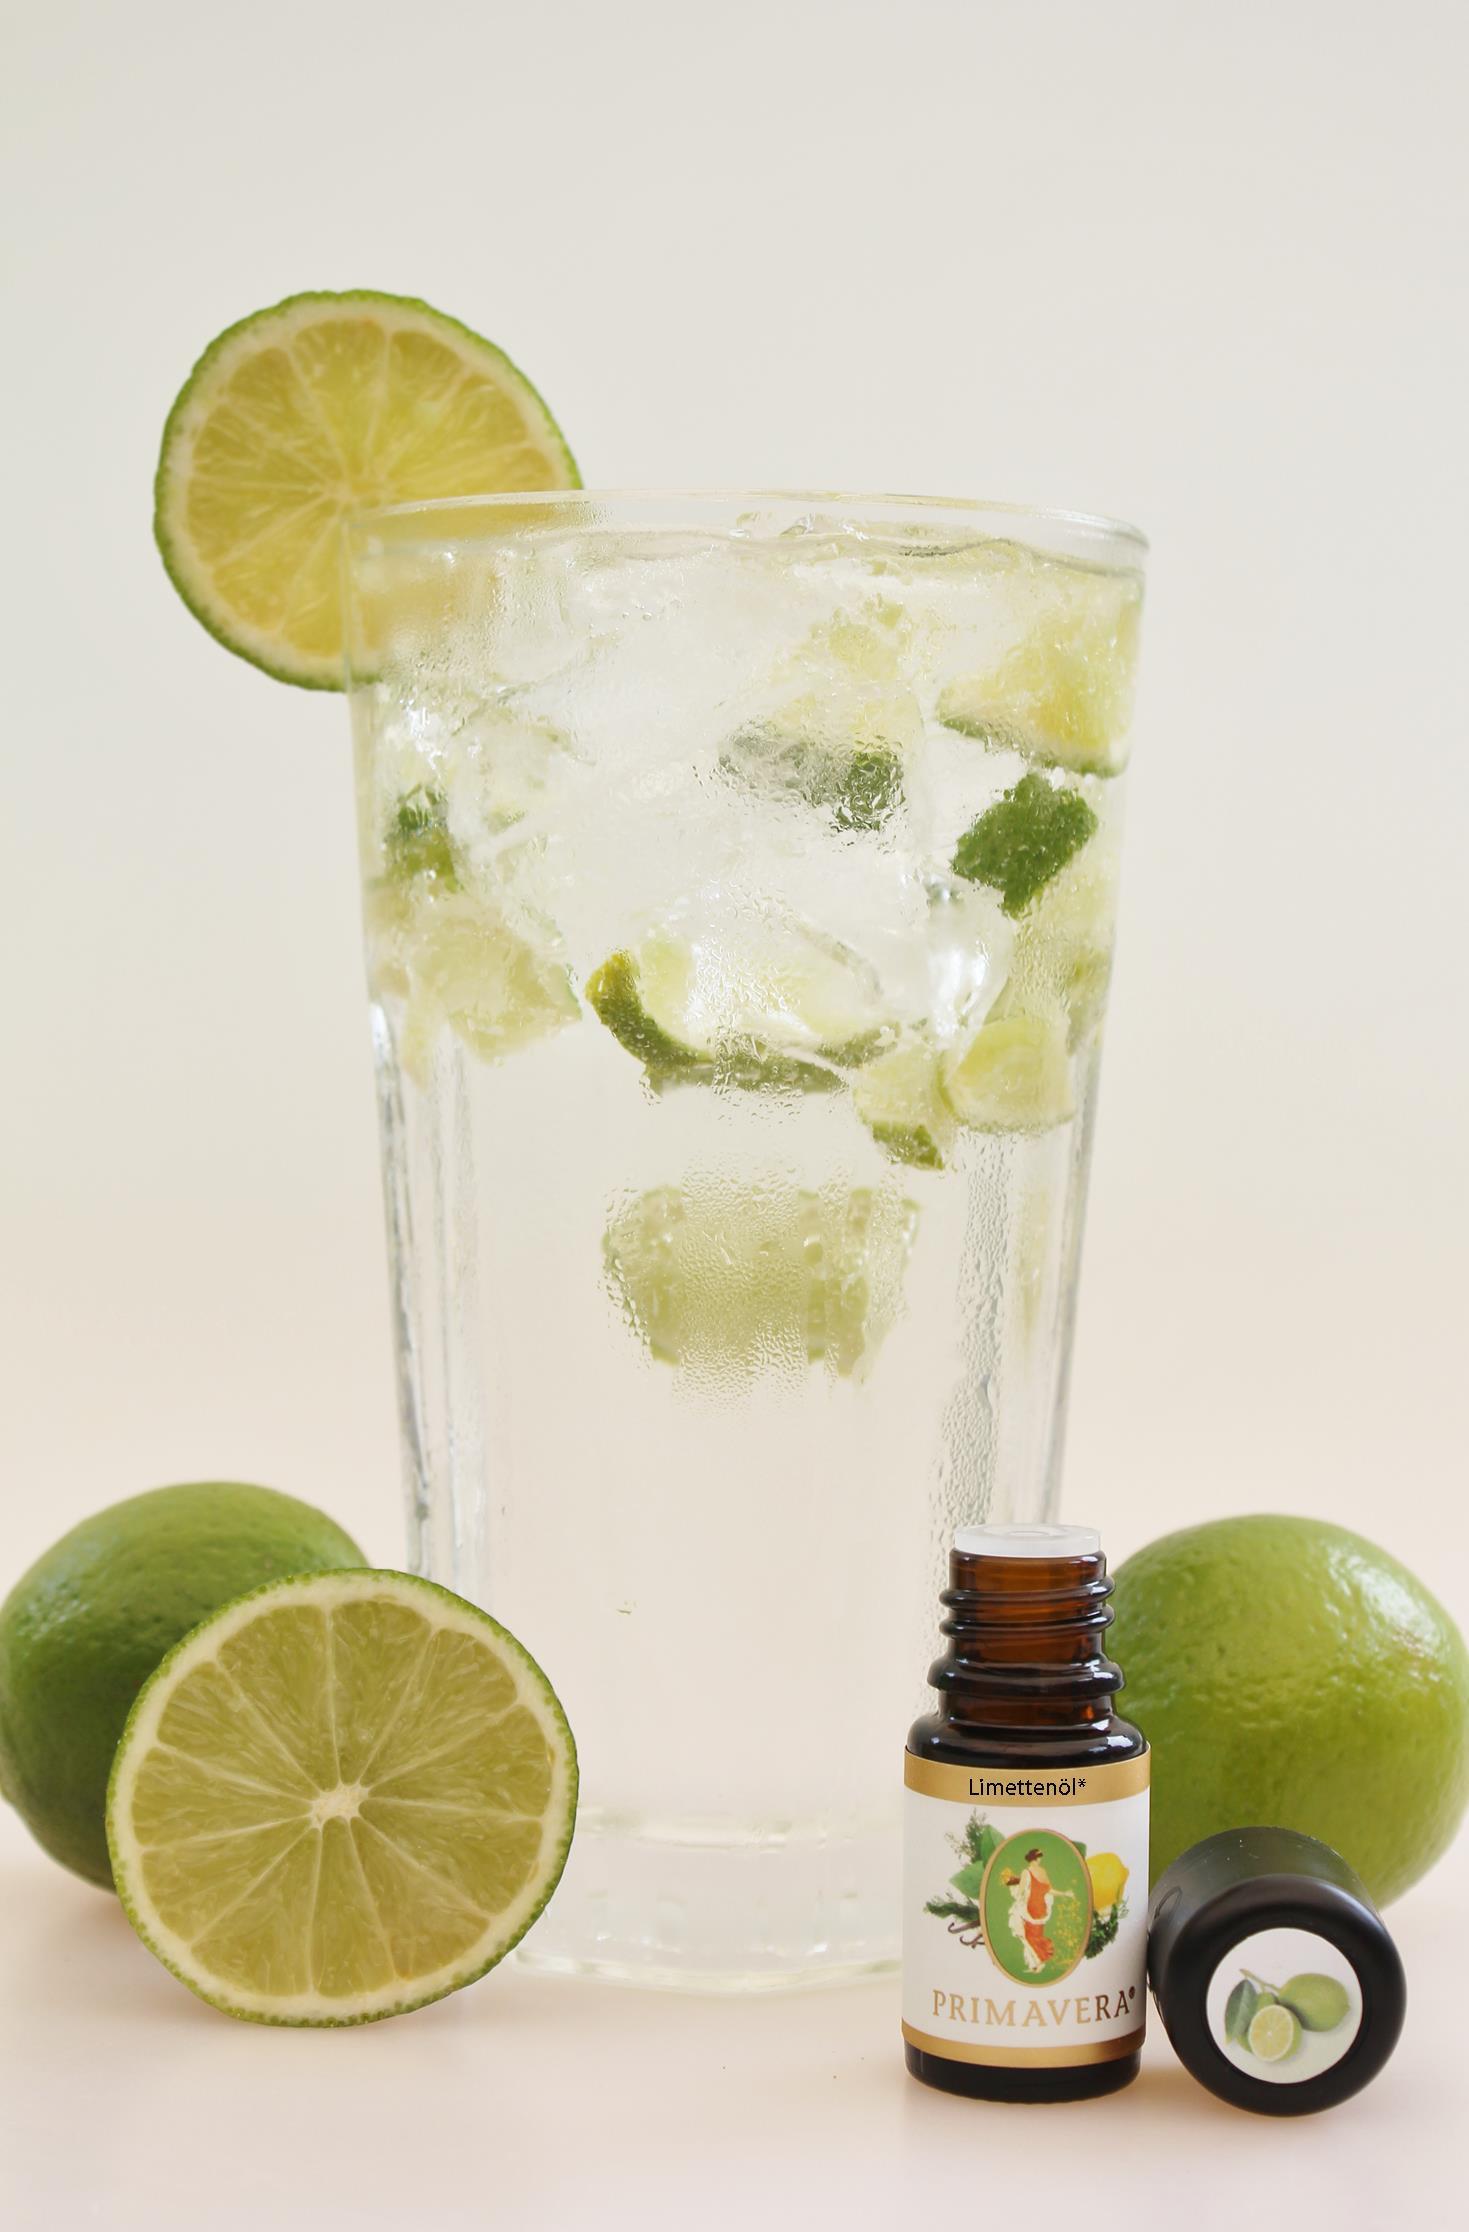 Limettenwasser-T595baf8a57f3a